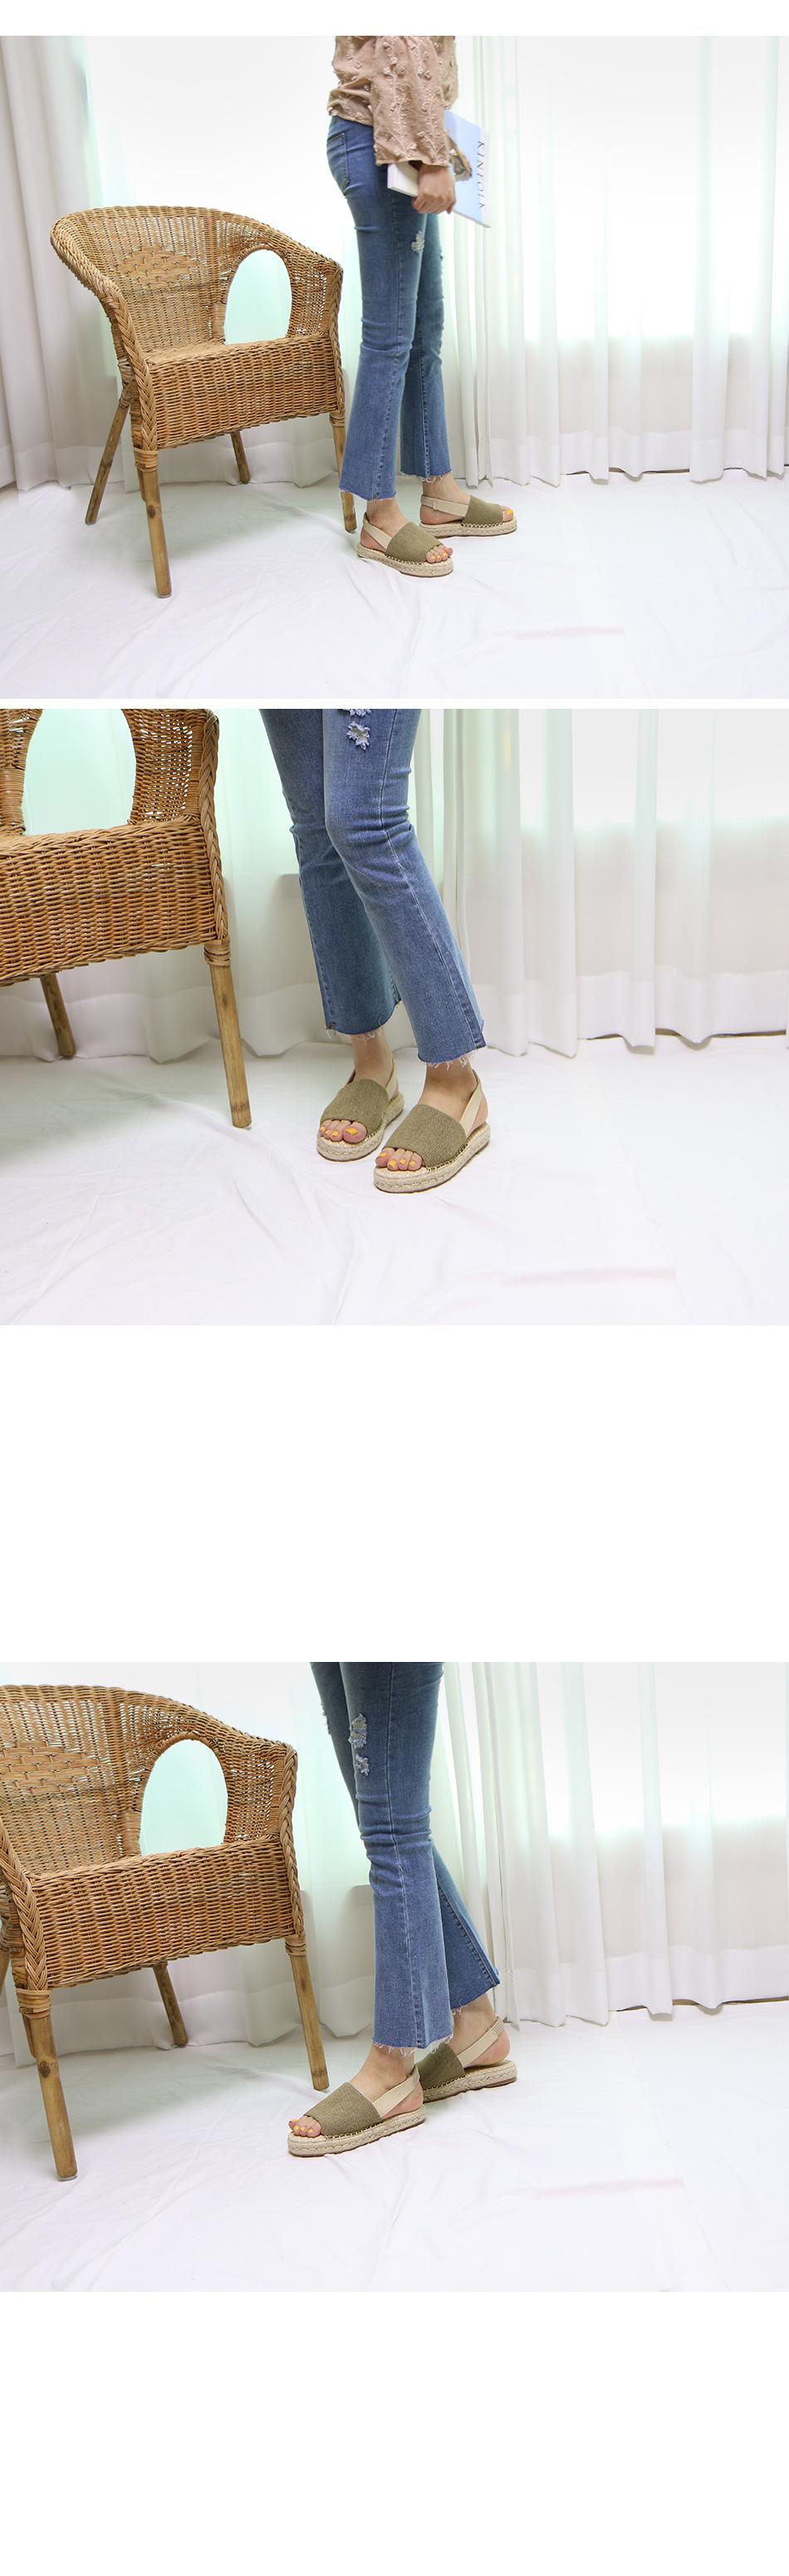 솔리모 에스빠드류 슬링백 샌들 착용컷